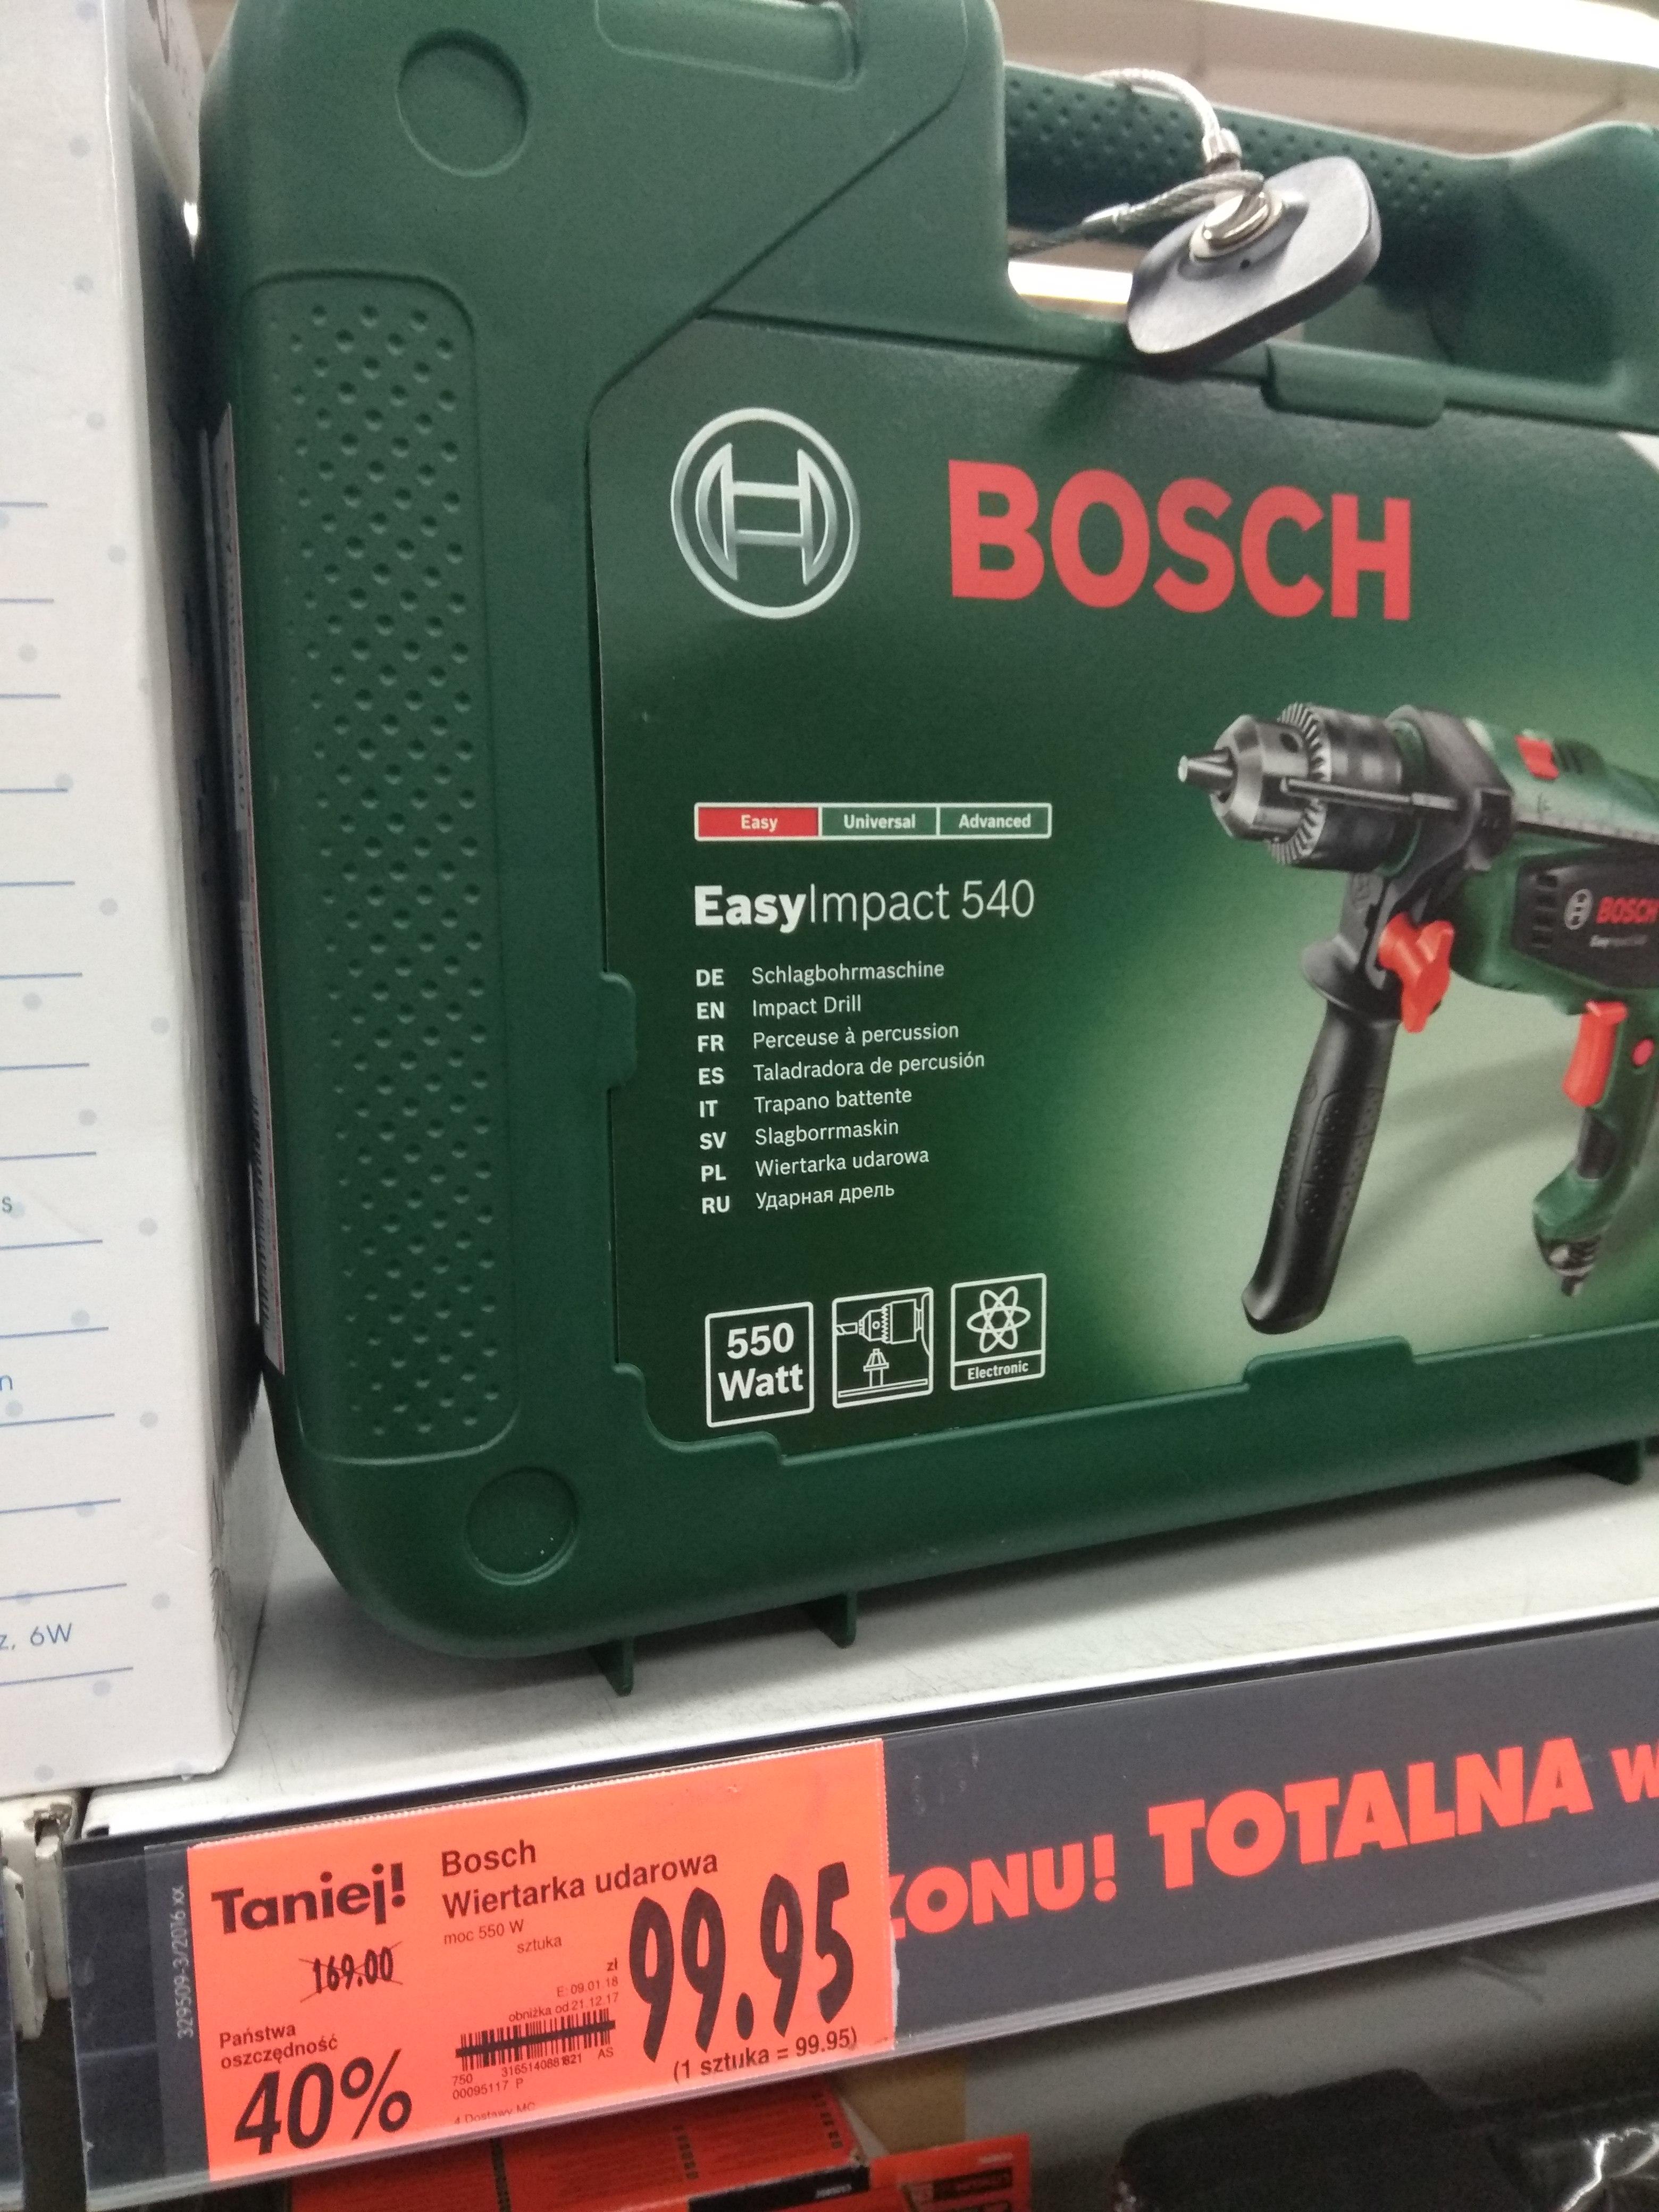 Wiertarka Bosch EasyImpact 540